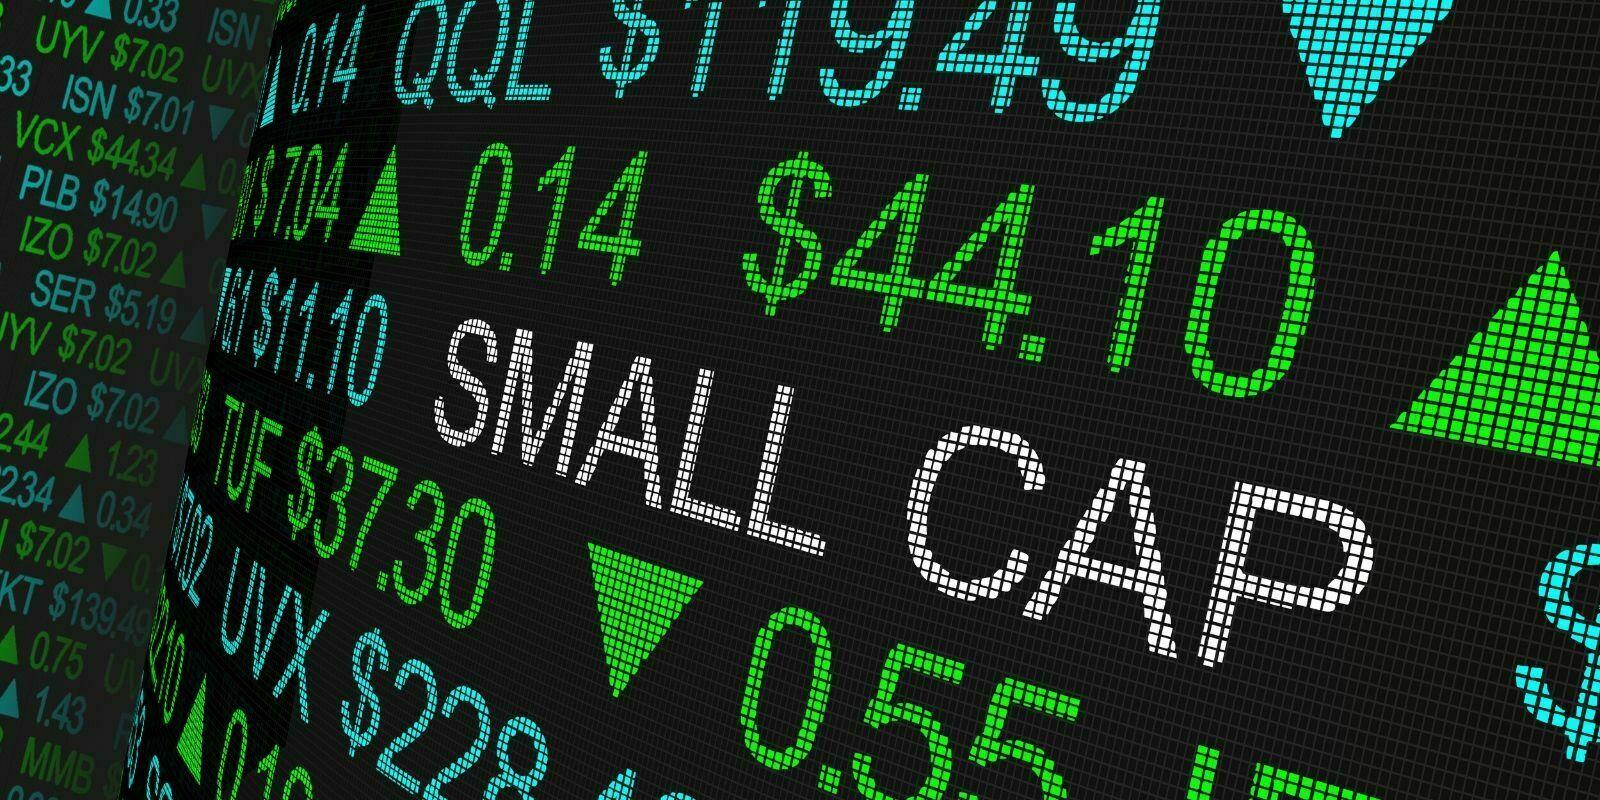 Qu'est-ce que le market cap ? Définition, intérêts et limites